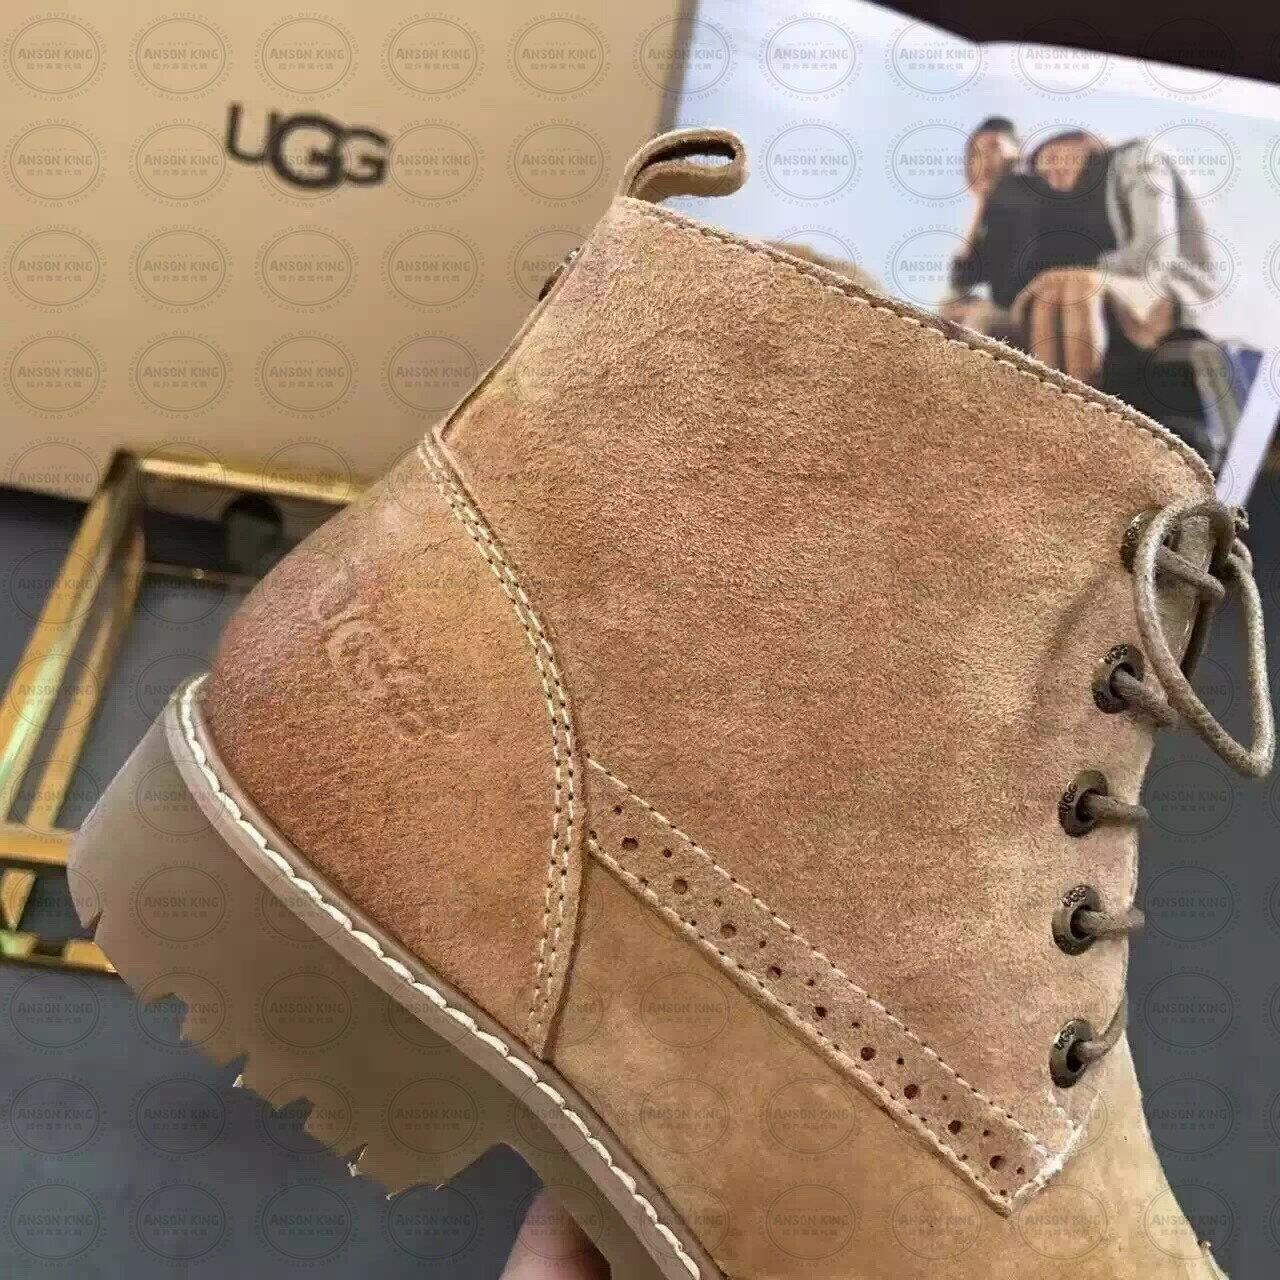 OUTLET正品代購 澳洲 UGG 女款加厚磨砂面 馬汀靴 中長靴 保暖 真皮羊皮毛 雪靴 短靴 駝色 2